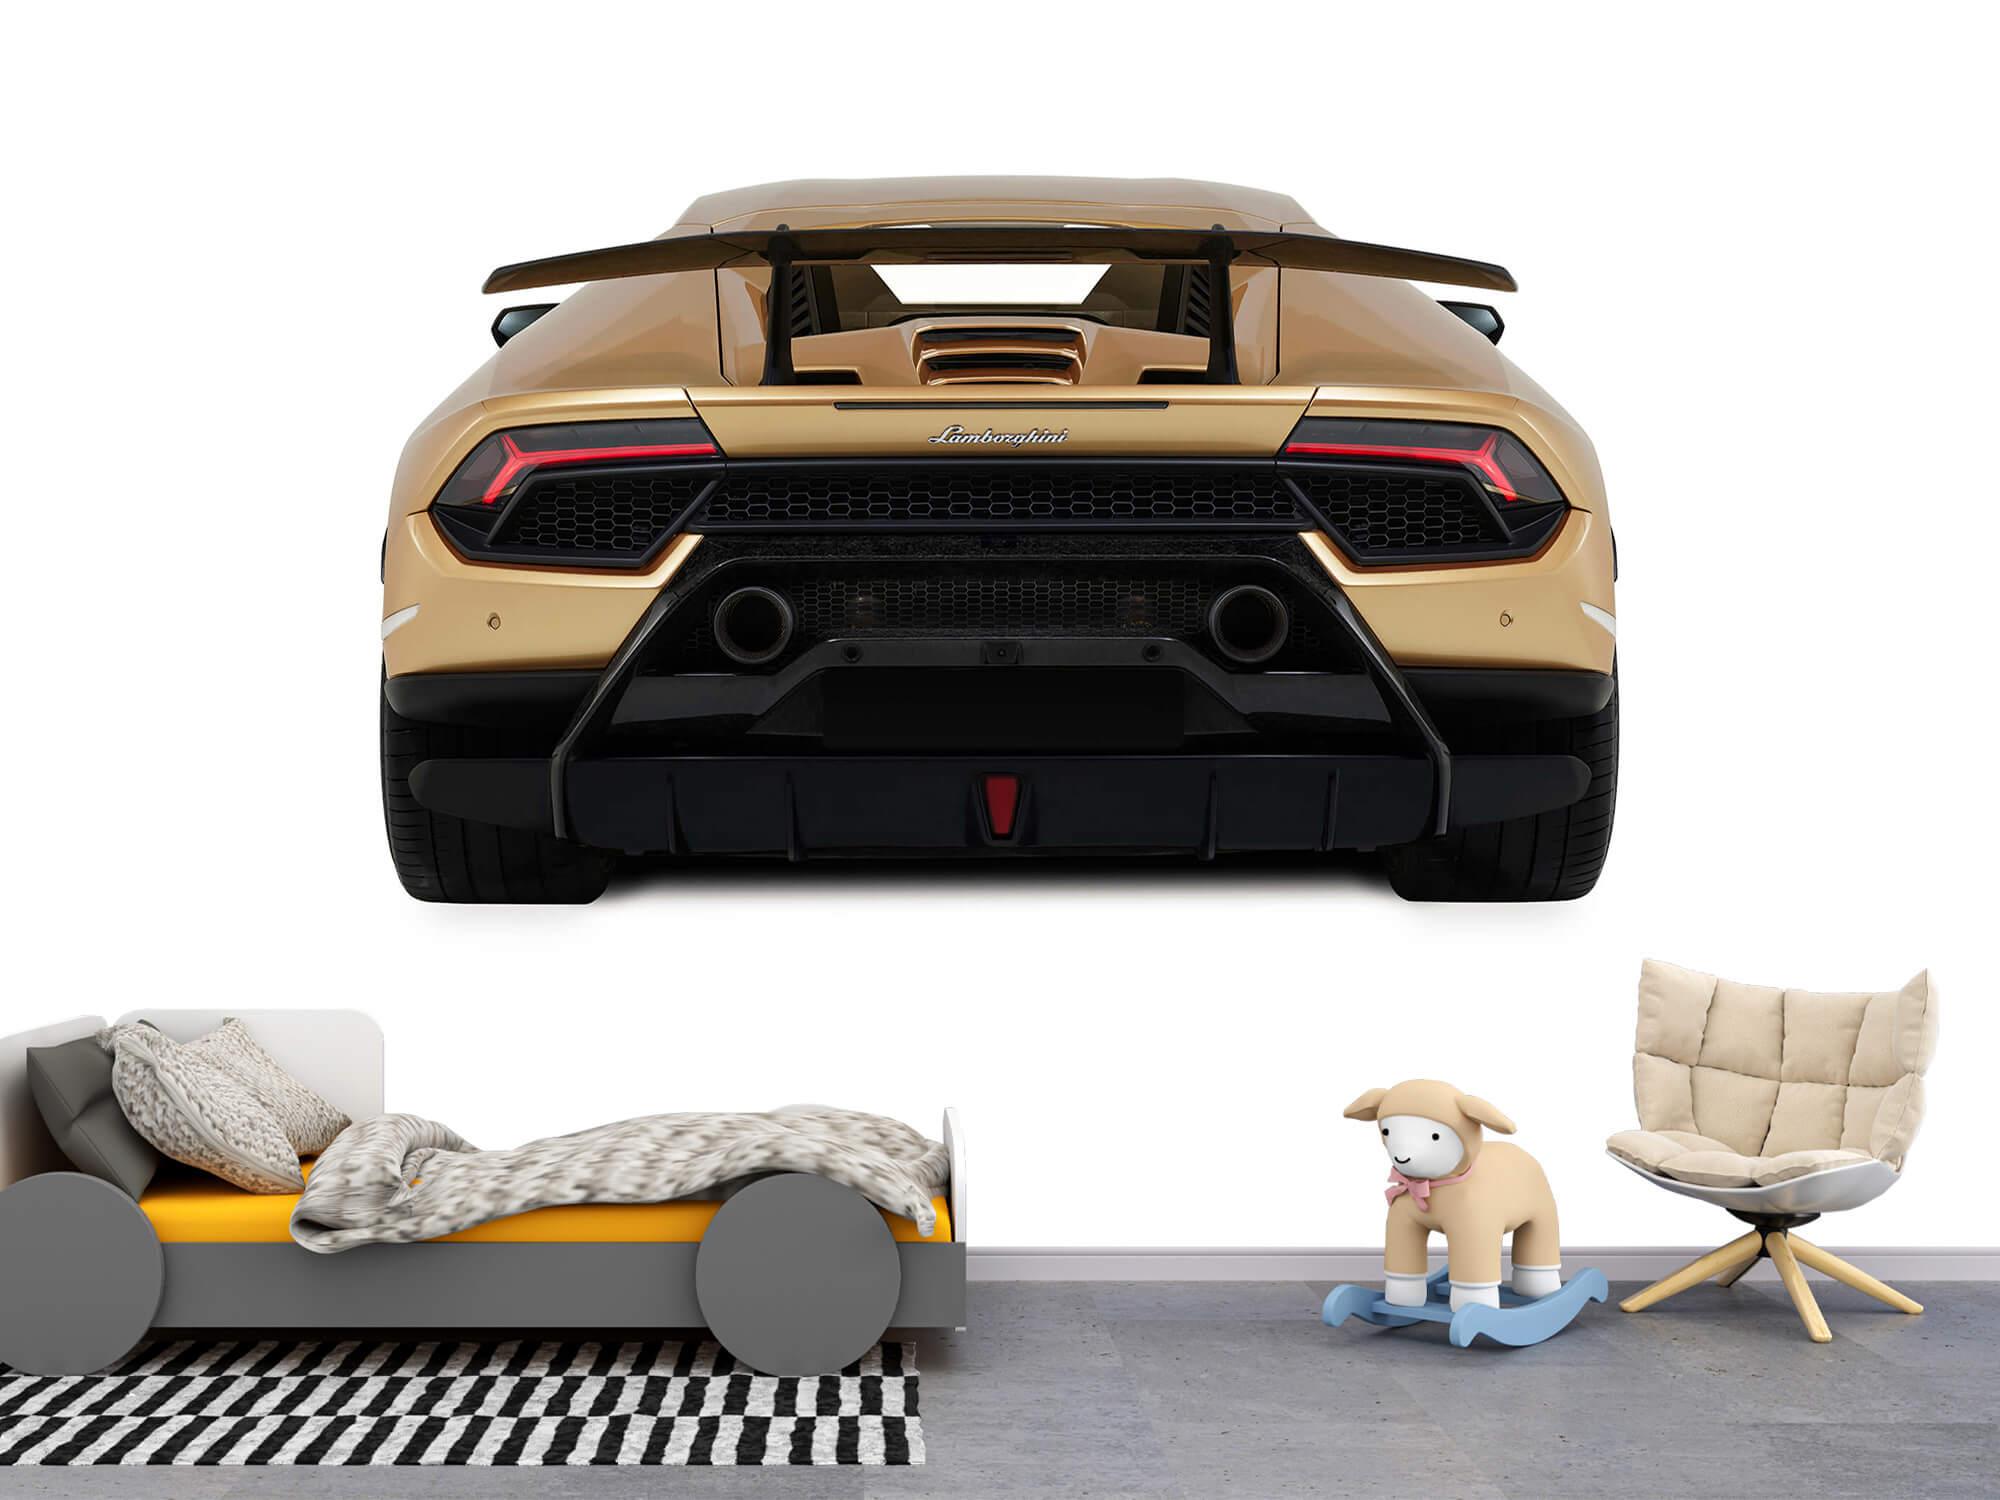 Wallpaper Lamborghini Huracán - Rear view, white 1